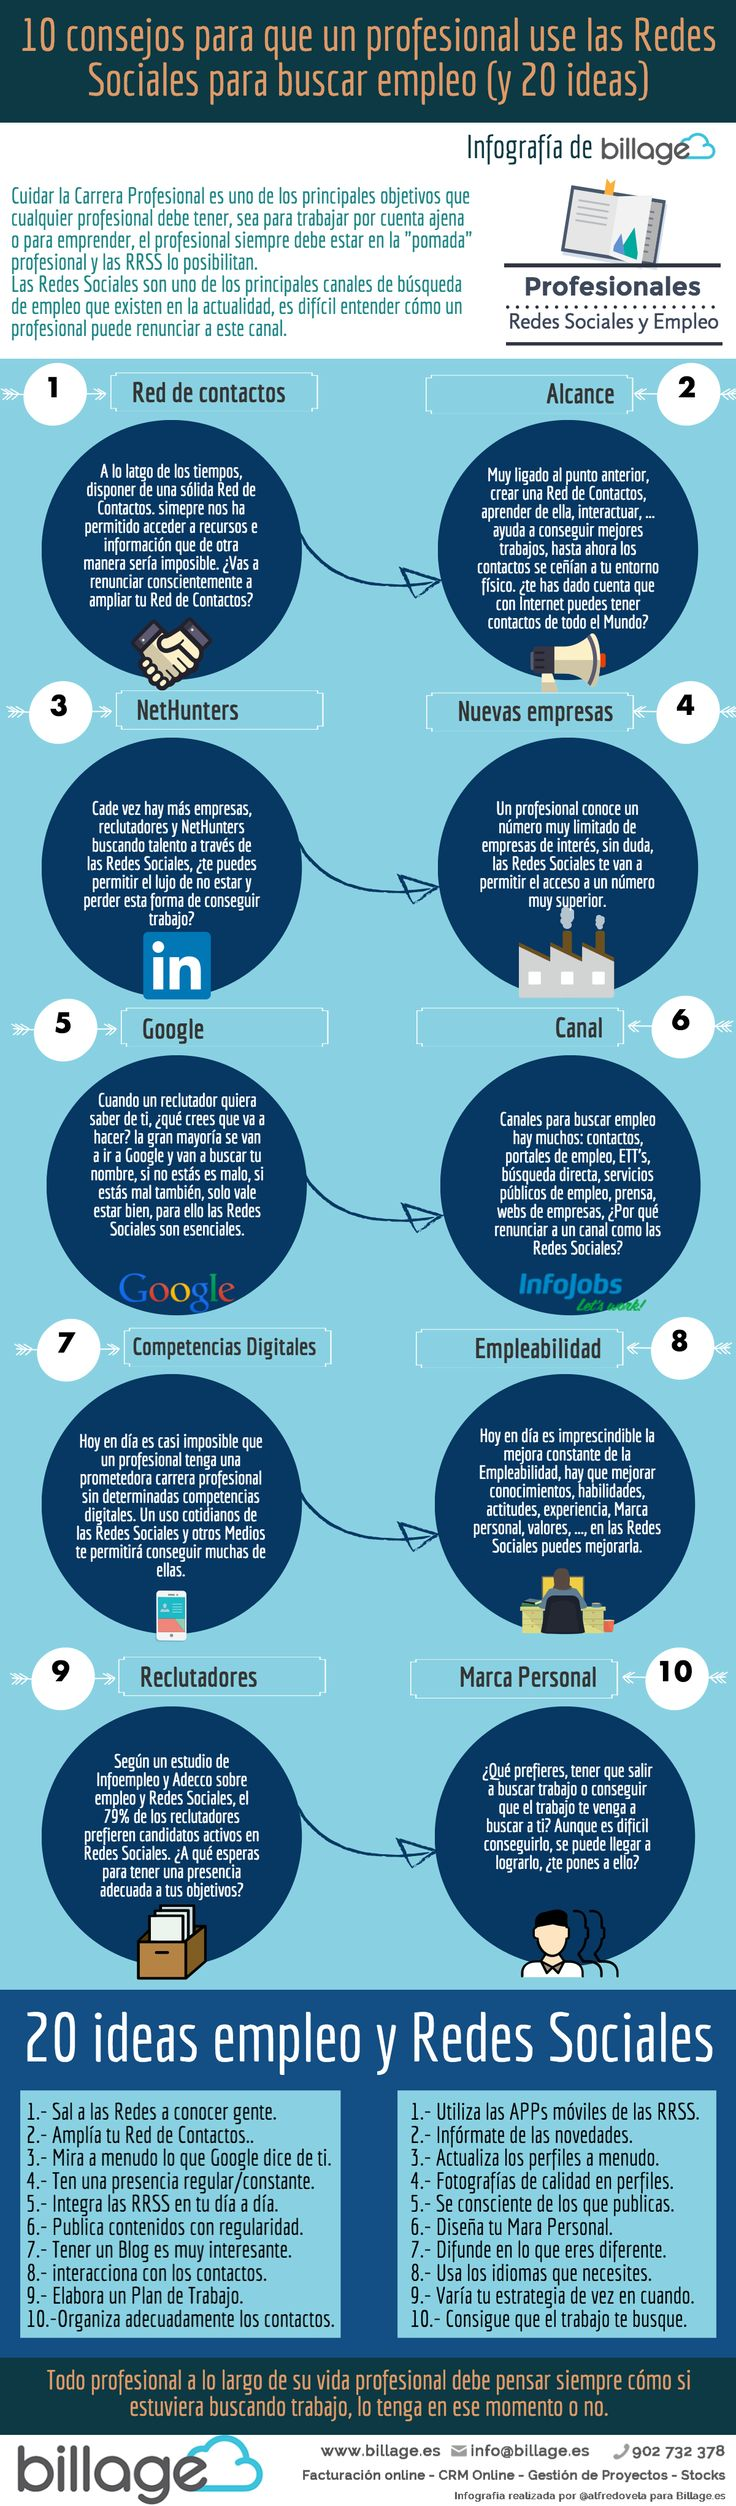 10 consejos sobre profesionales y Redes Sociales para buscar empleo (y 20 ideas) #infografia